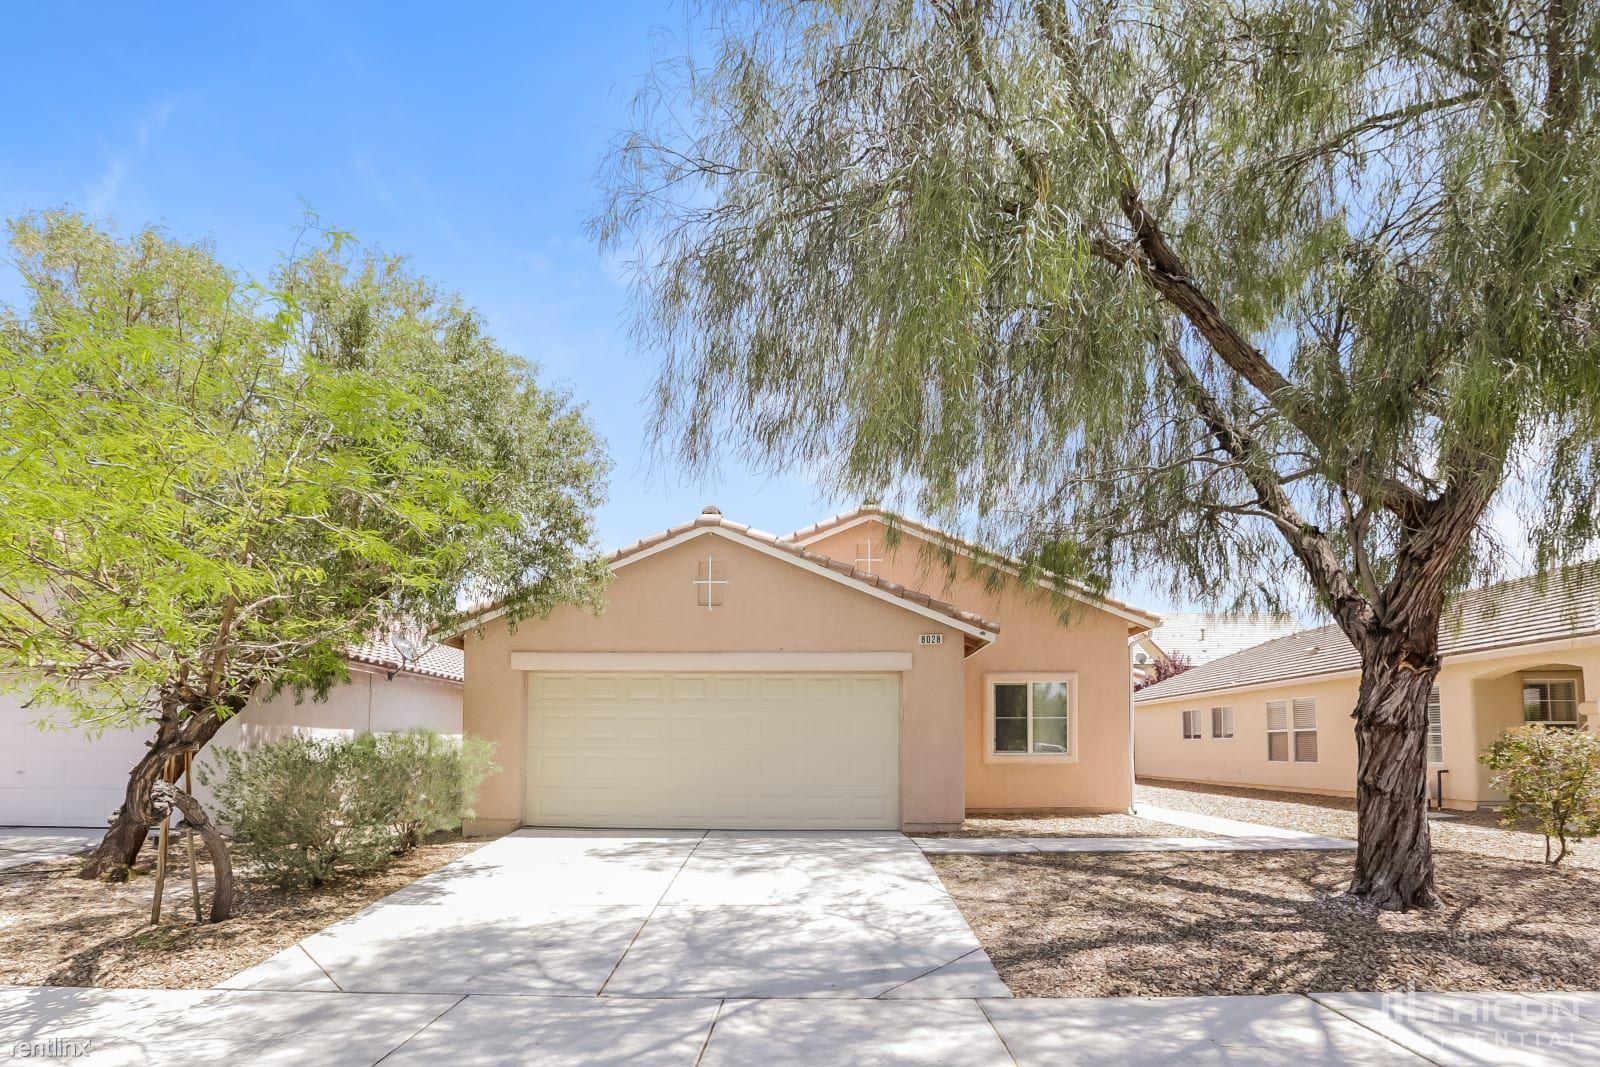 8028 Roundup Ridge Street, Las Vegas, NV - 1,949 USD/ month